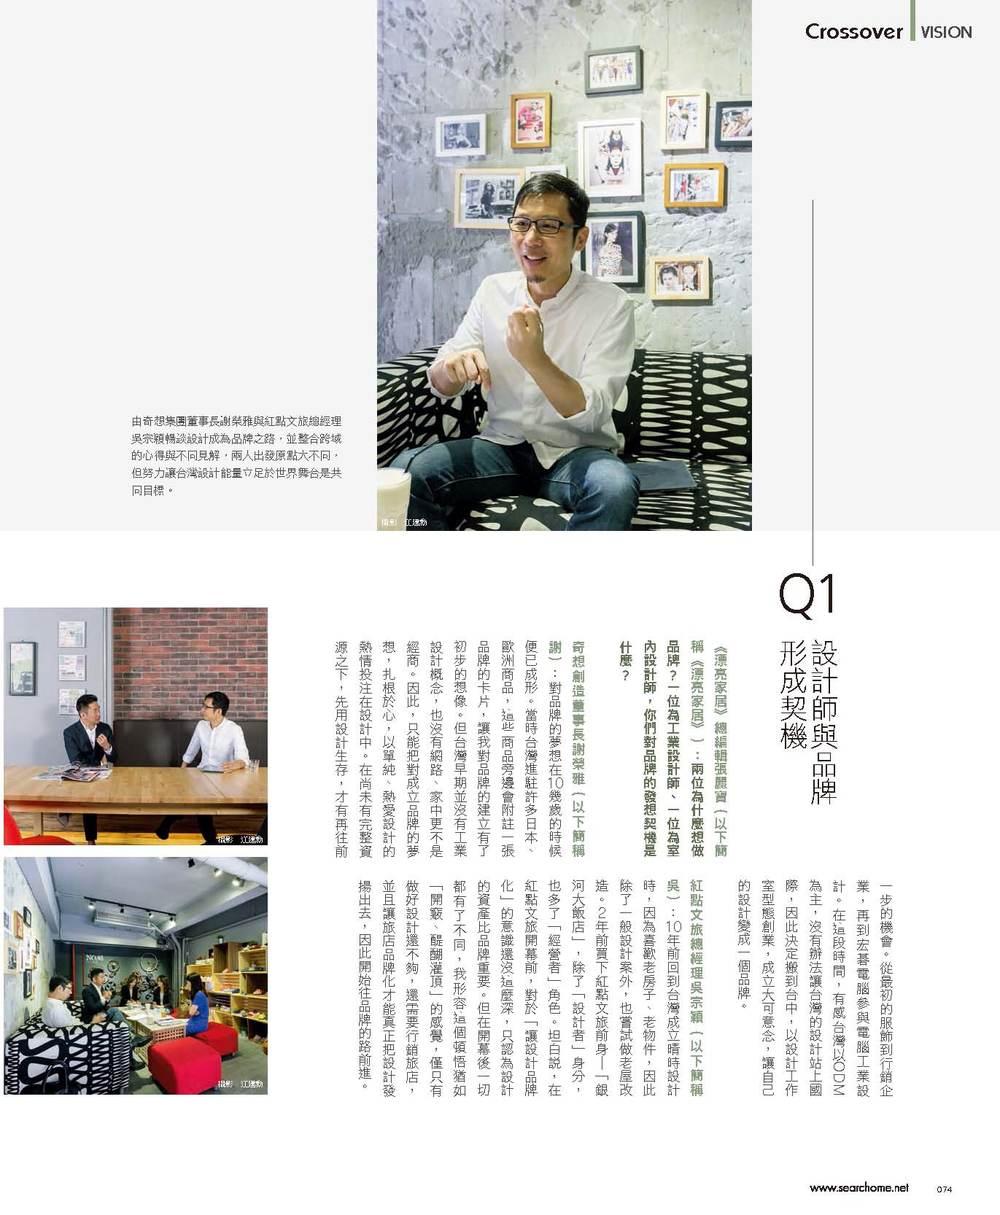 2015年08月_跨界對談 - 設計品牌形成與跨域整合之路 _漂亮家居_頁面_3.jpg